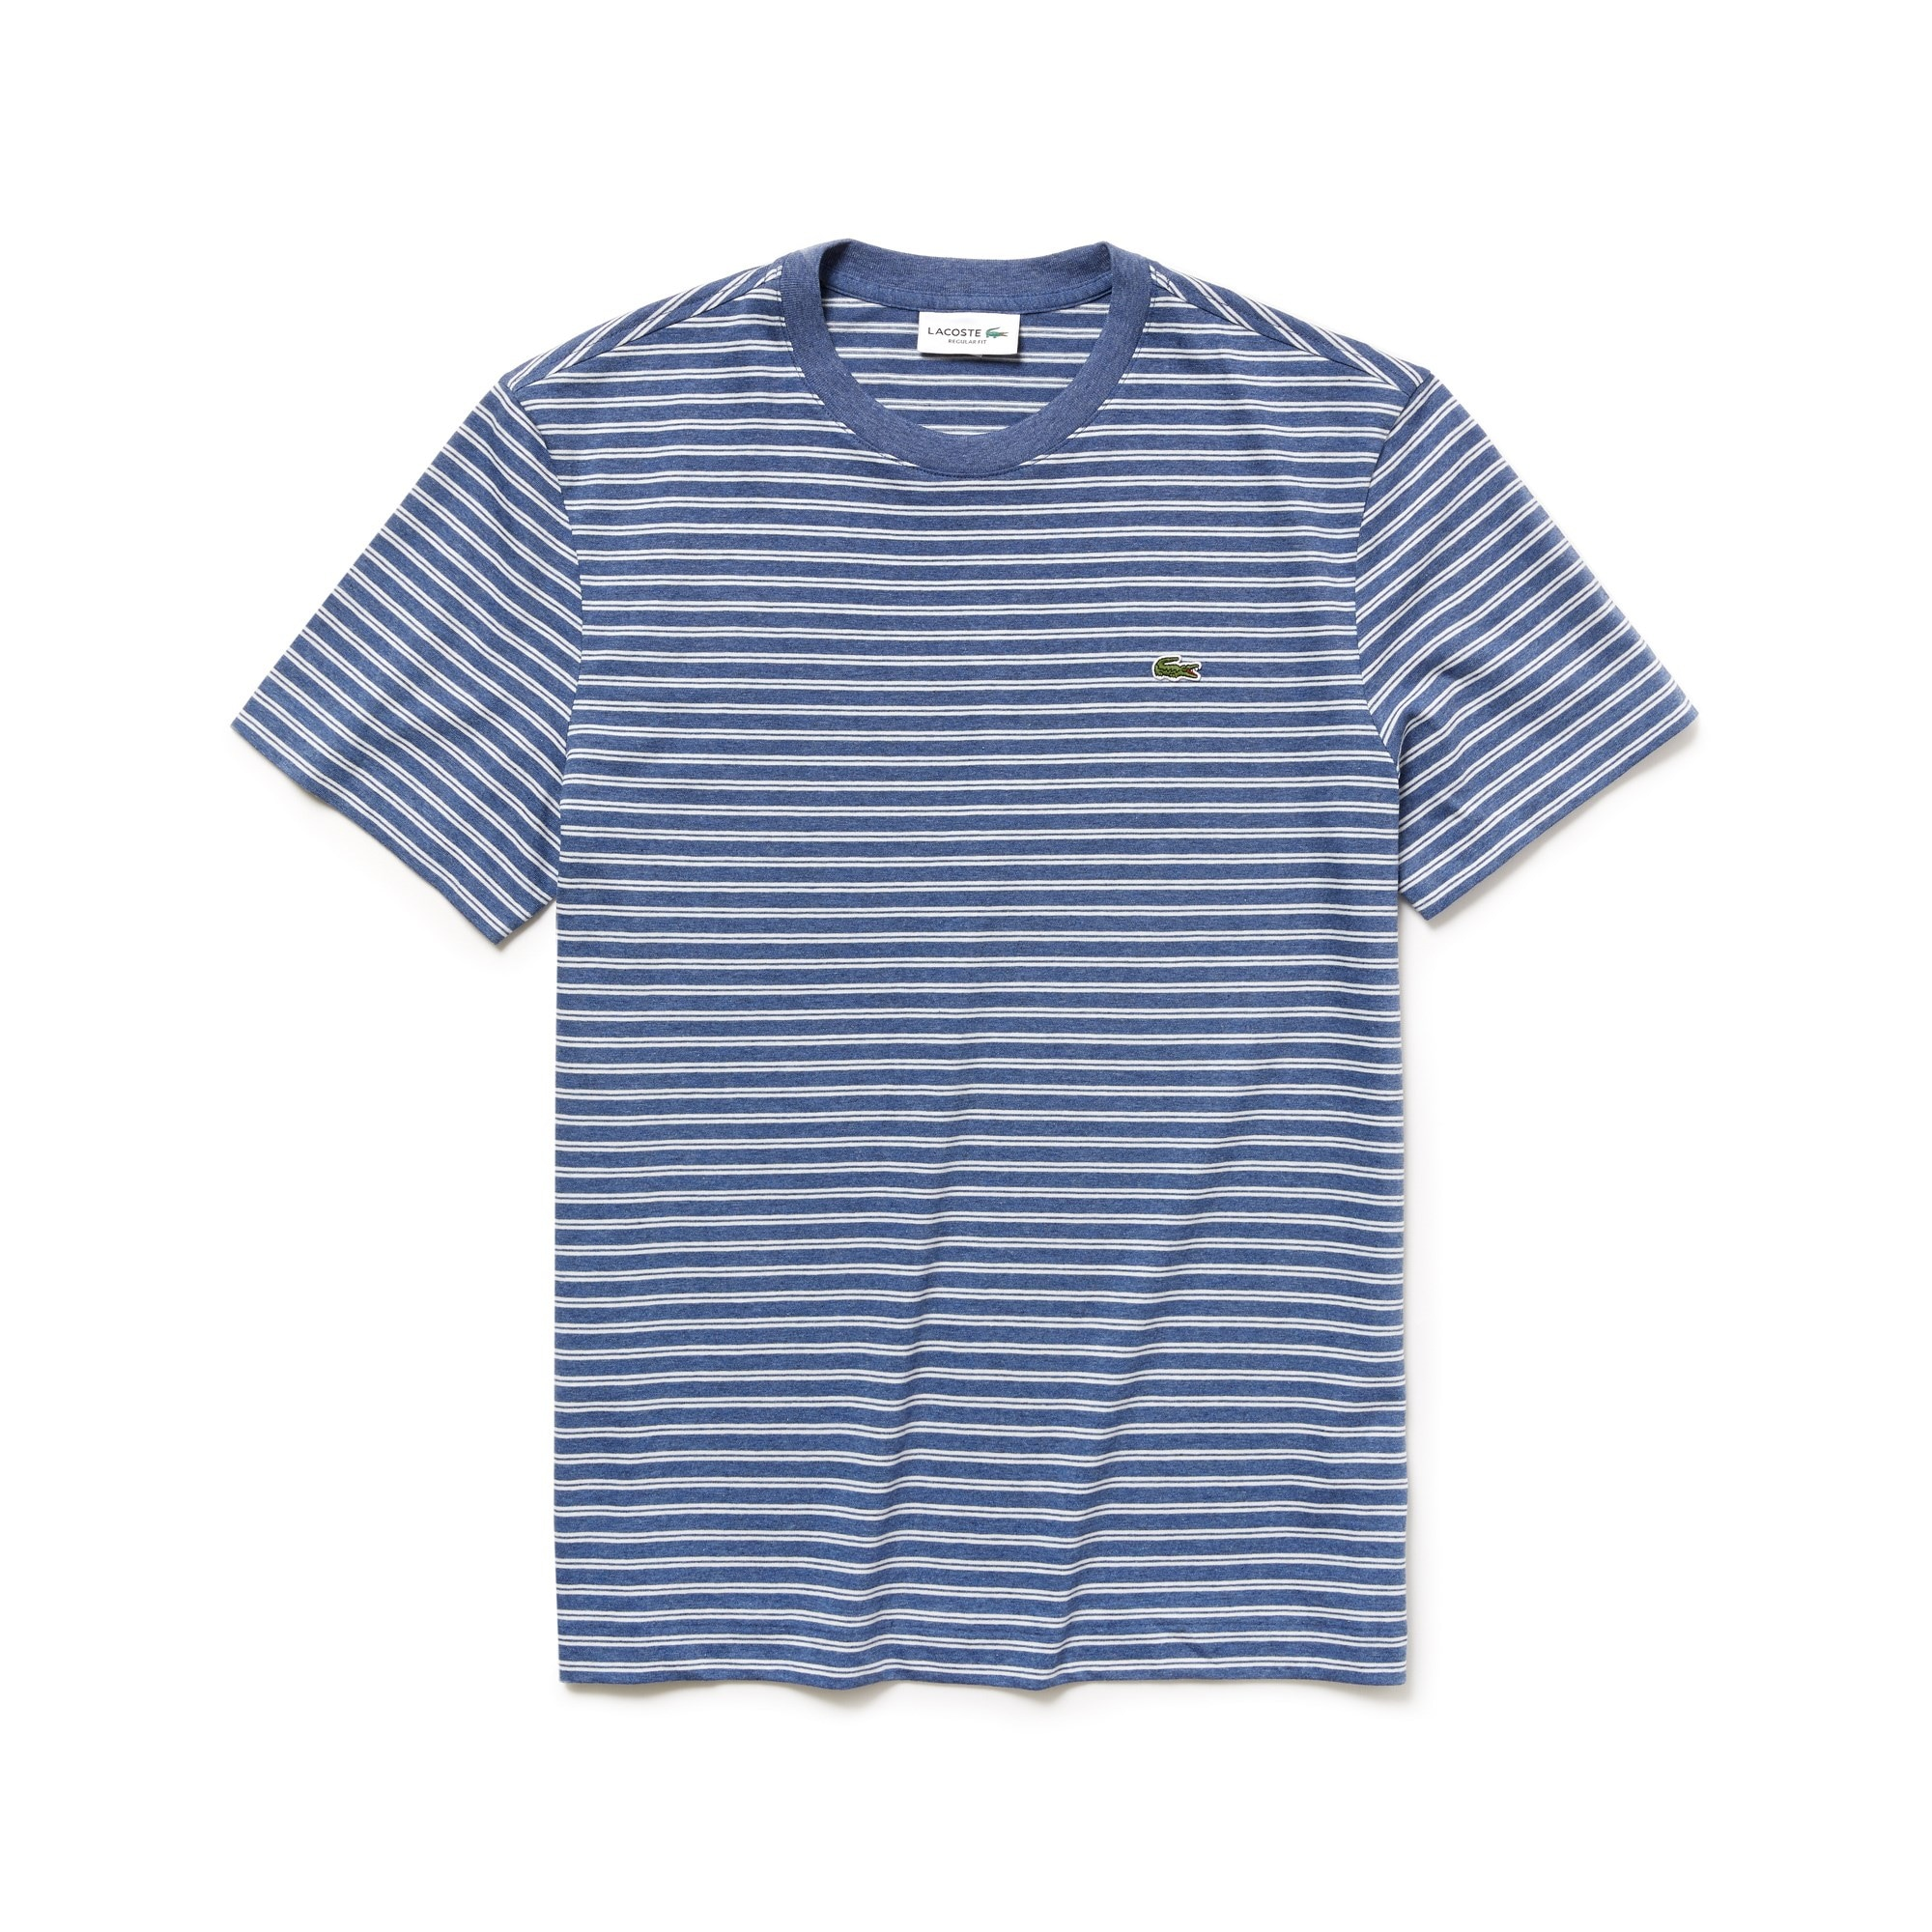 Lacoste - Herren Rundhals-Shirt aus gestreiftem Baumwolljersey - 3